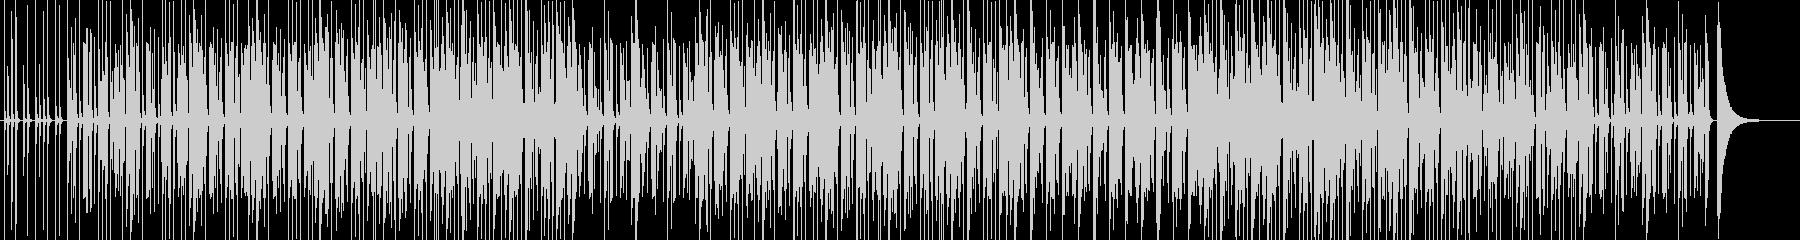 日常-ほっこり♬-アコースティック-自然の未再生の波形